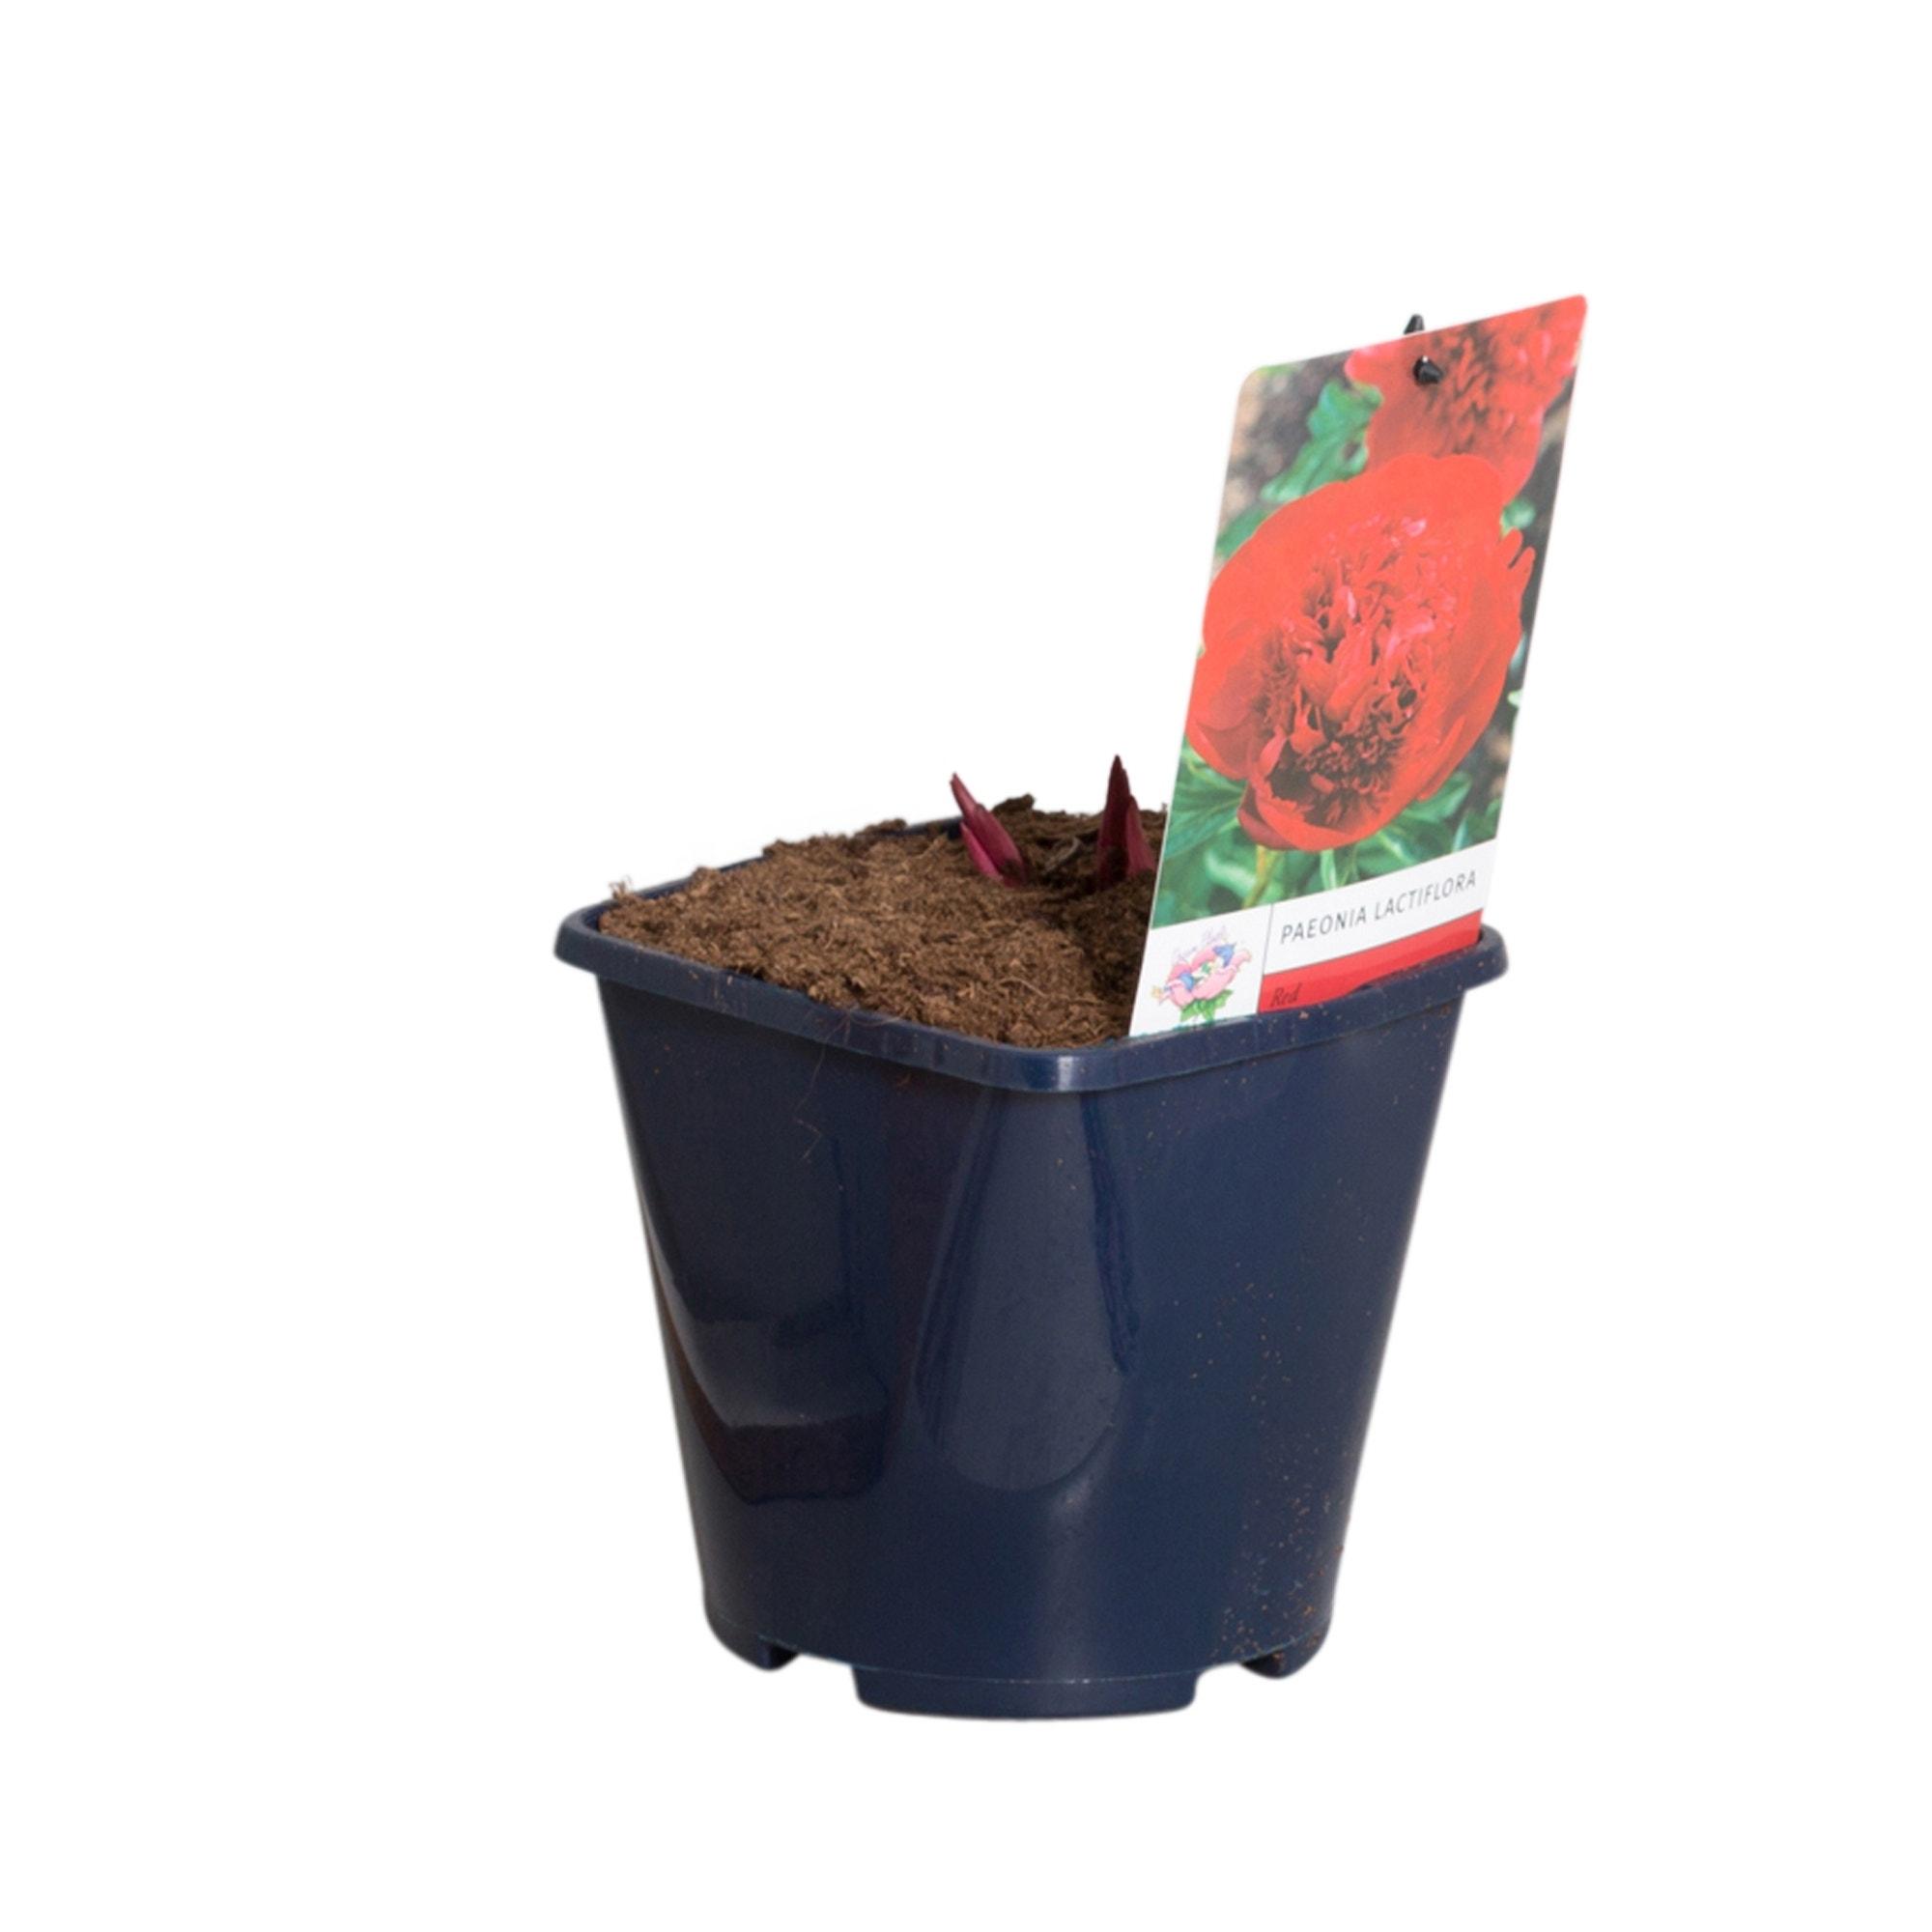 Rode Pioenroos (Paeonia lactiflora)-Plant in pot-p11. Kleur: rood